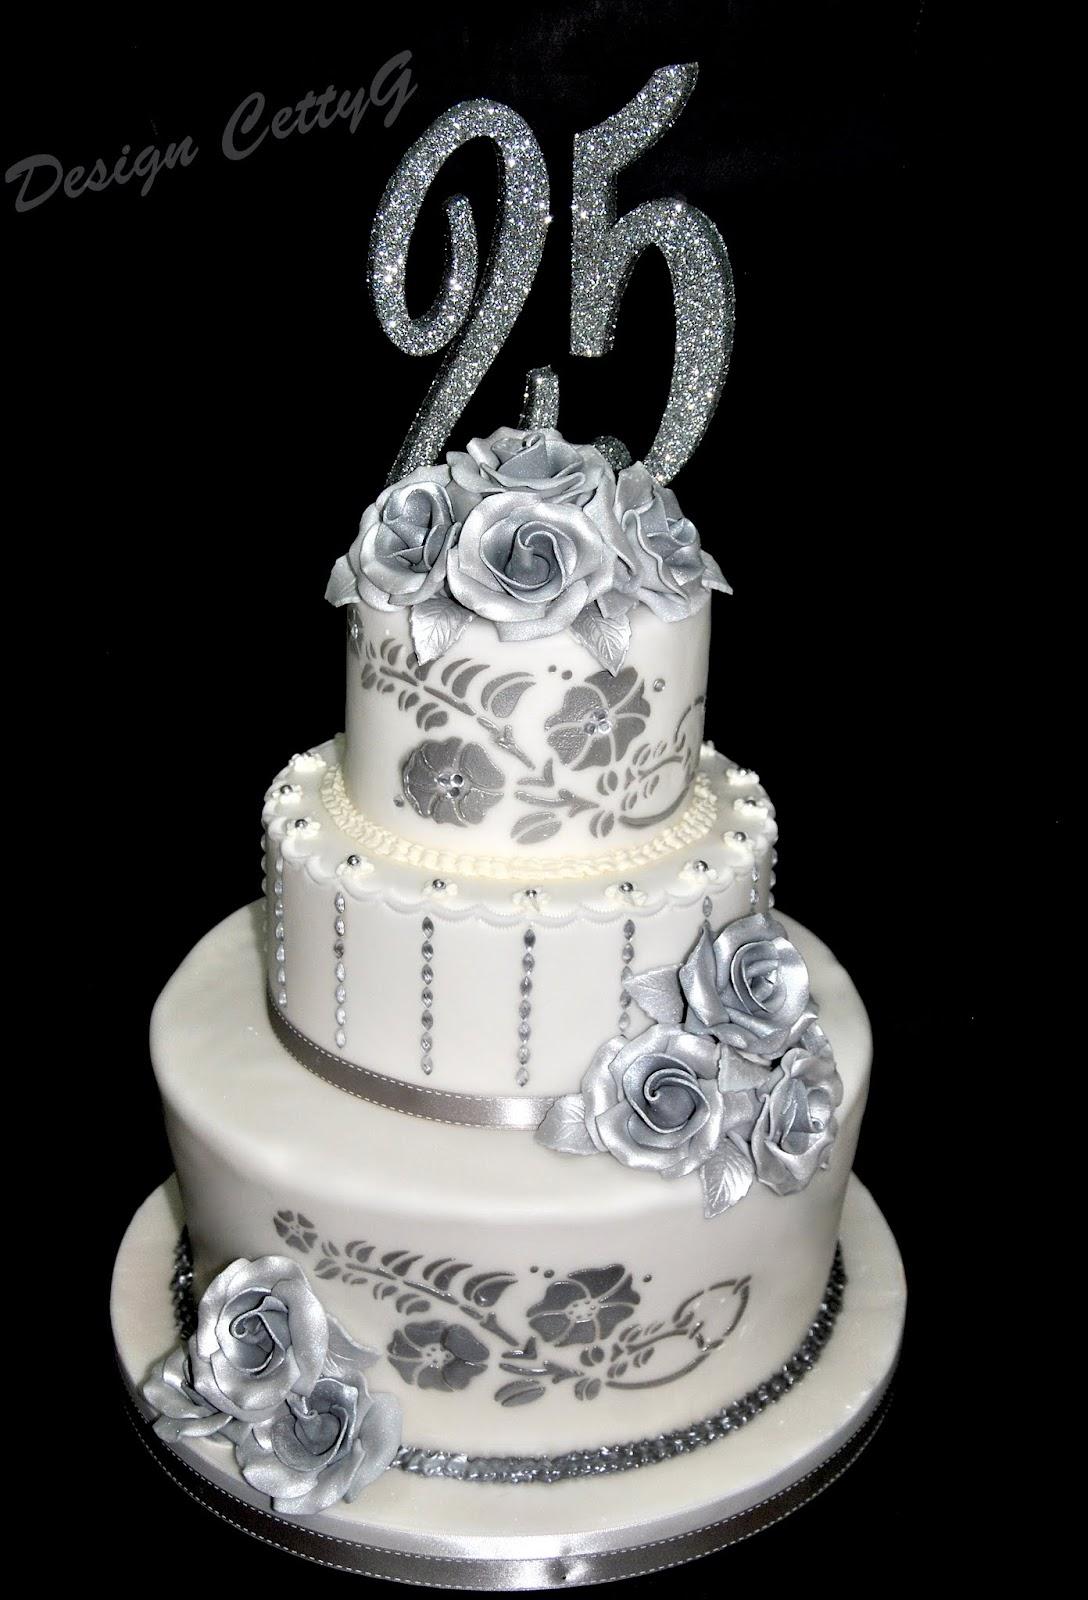 Le torte decorate di cetty g 25 anniversario di for Anniversario matrimonio 25